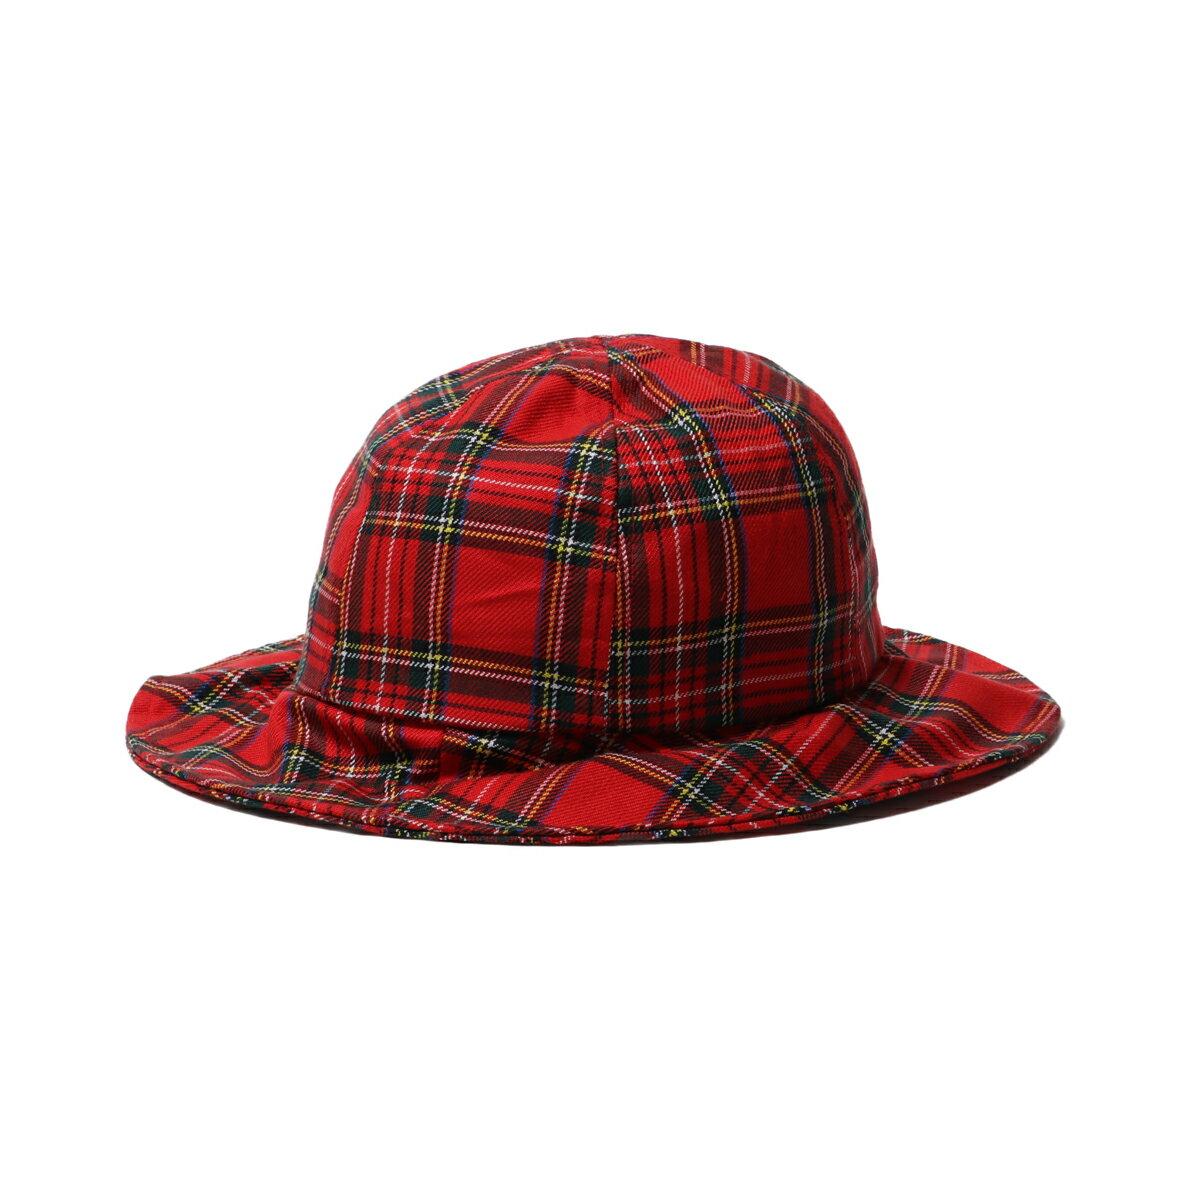 レディース帽子, ハット atmos pink TX( TX)RED 19FA-I